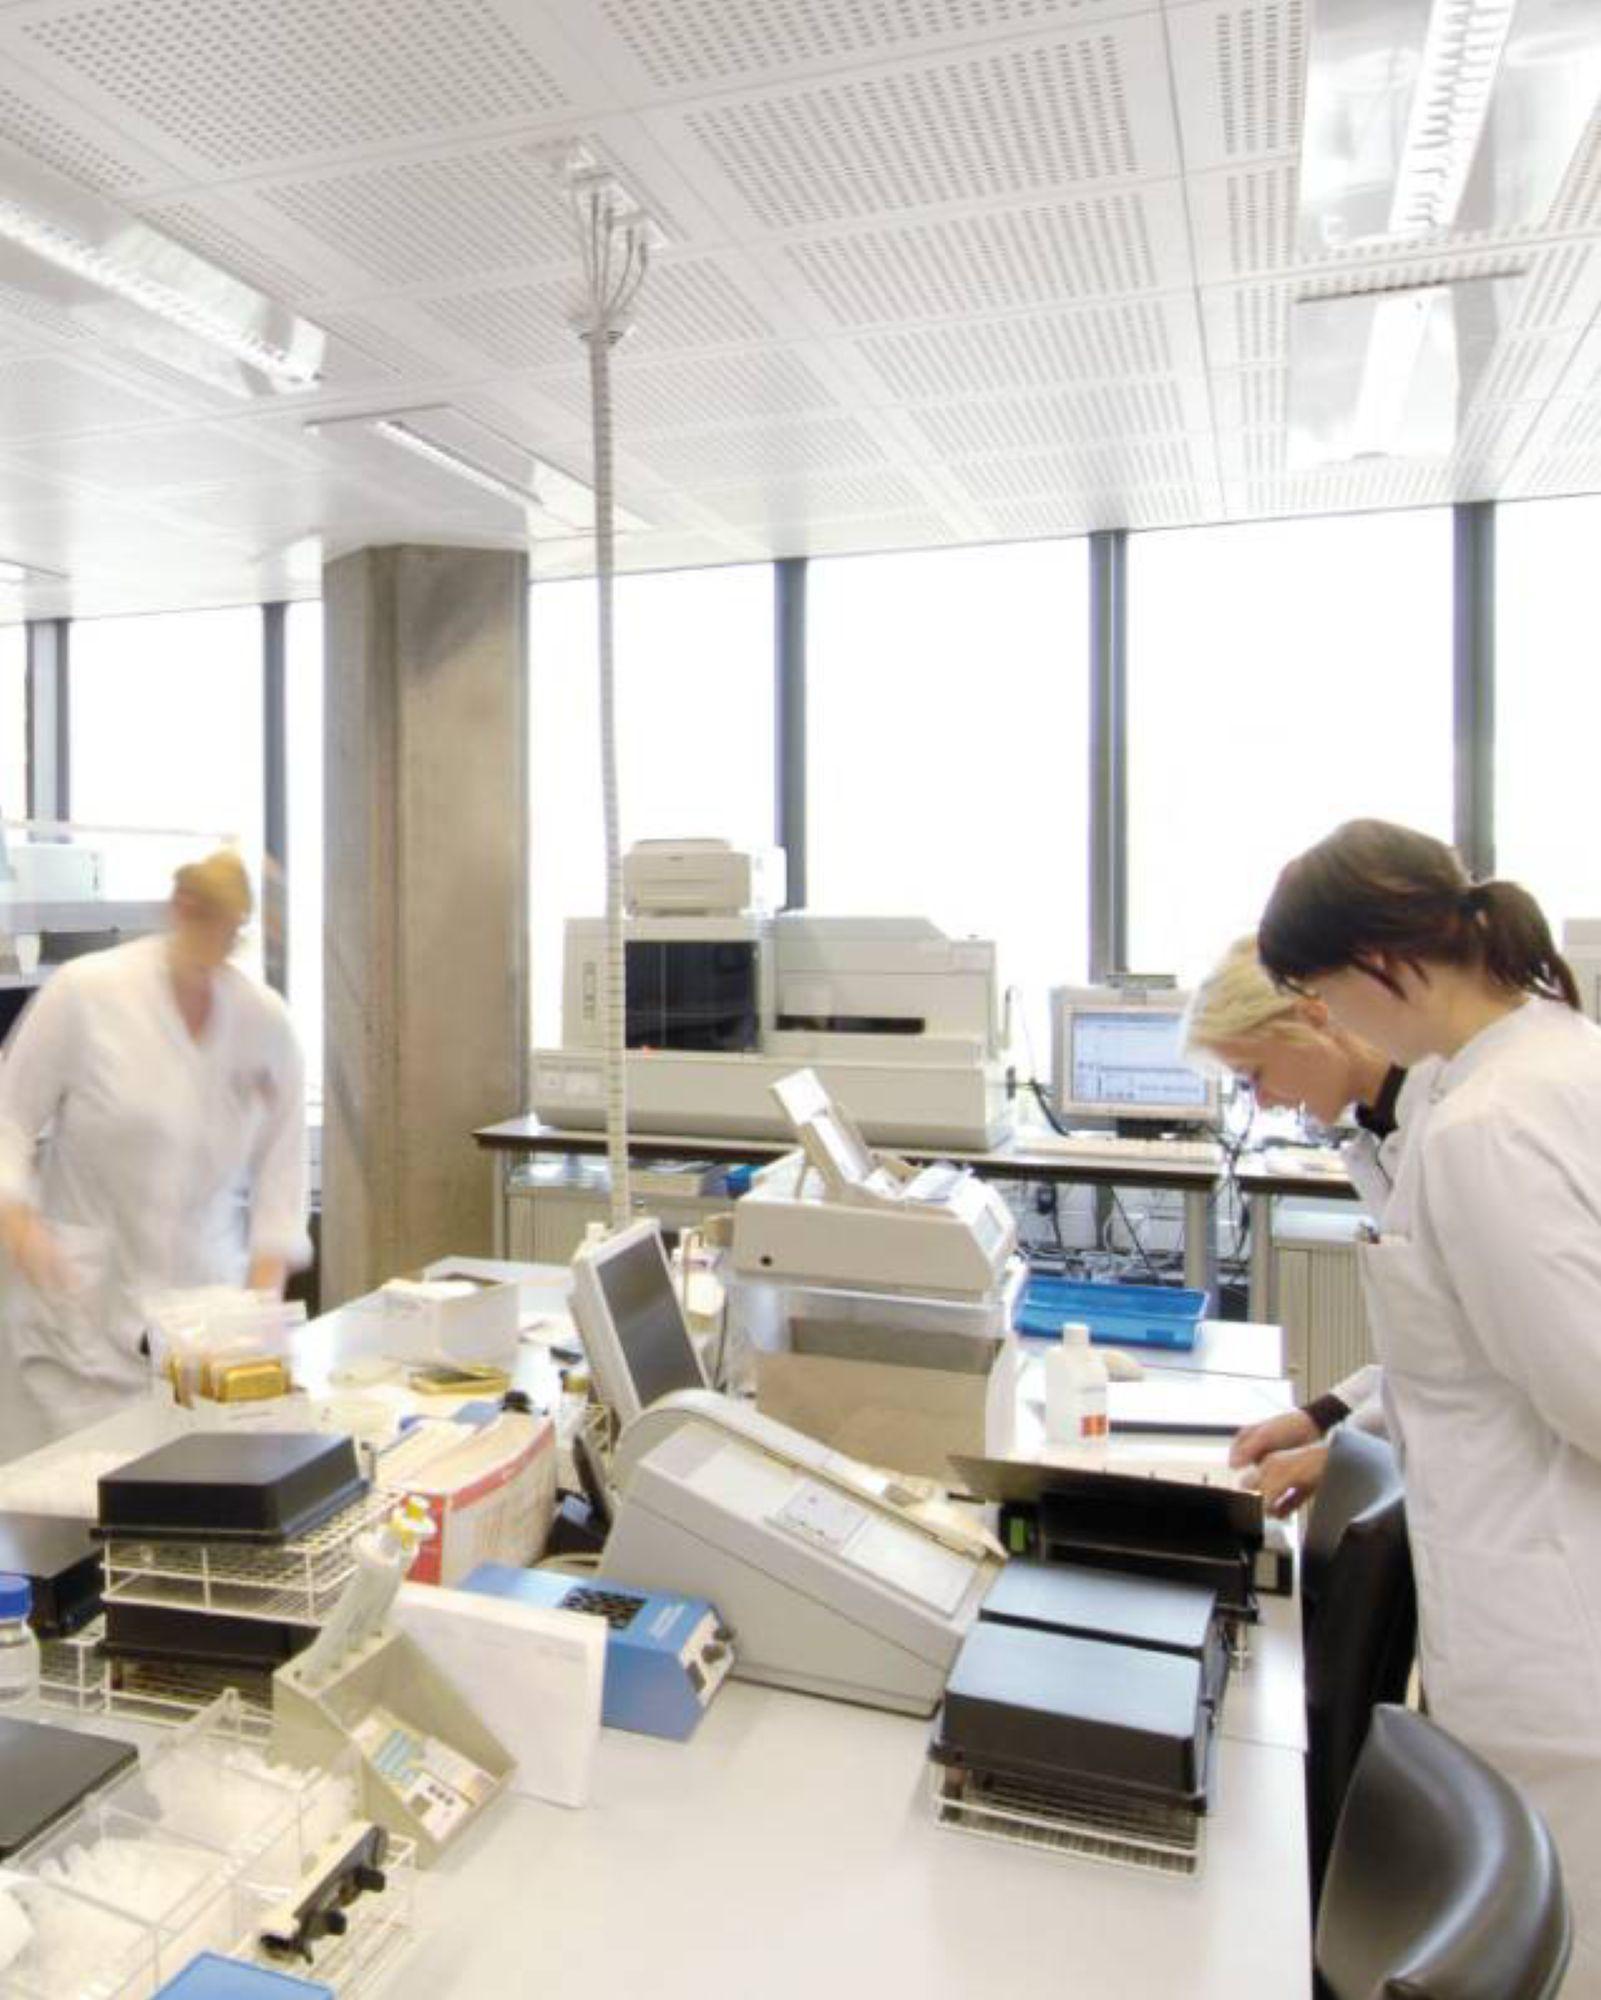 关键过程中监测温度的测试和监控所有环境参数。找到合适的测量技术,确保实验室的环境质量要求。